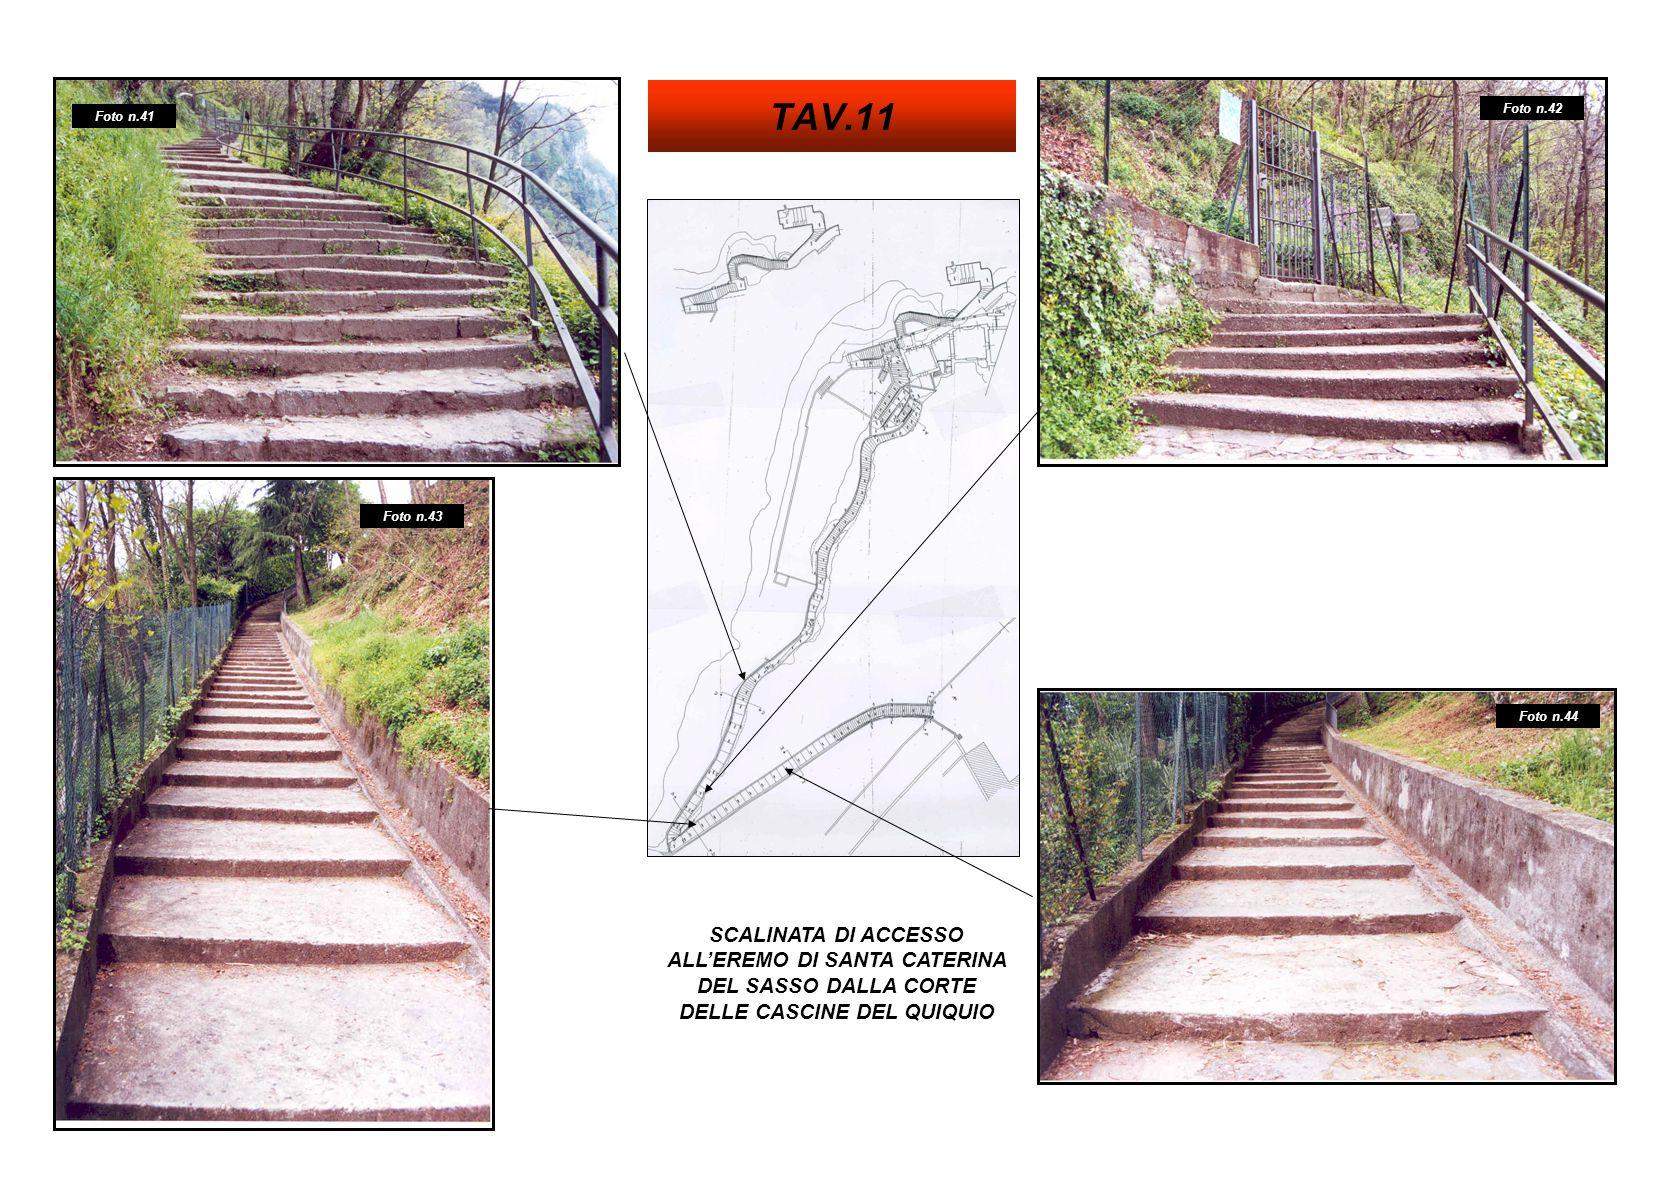 SCALINATA DI ACCESSO ALLEREMO DI SANTA CATERINA DEL SASSO DALLA CORTE DELLE CASCINE DEL QUIQUIO Foto n.41 Foto n.44 Foto n.43 Foto n.42 TAV.11